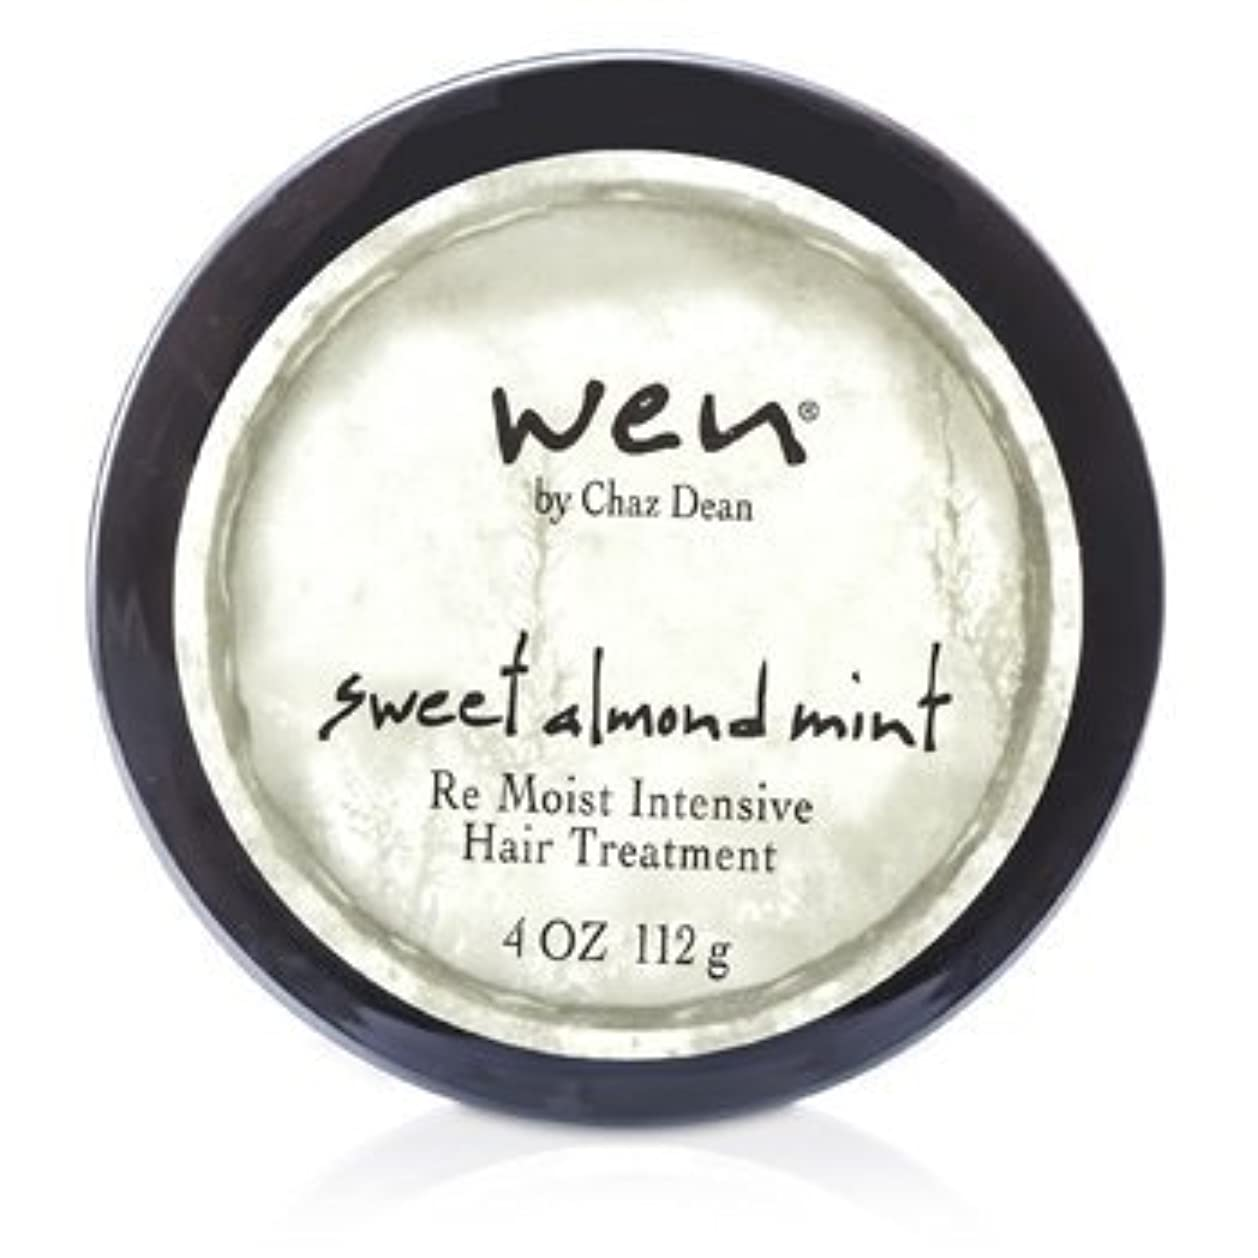 スカウト予知スピーチWEN Re Moist Intensive Hair Treatment 112g sweet almond mint [並行輸入品]